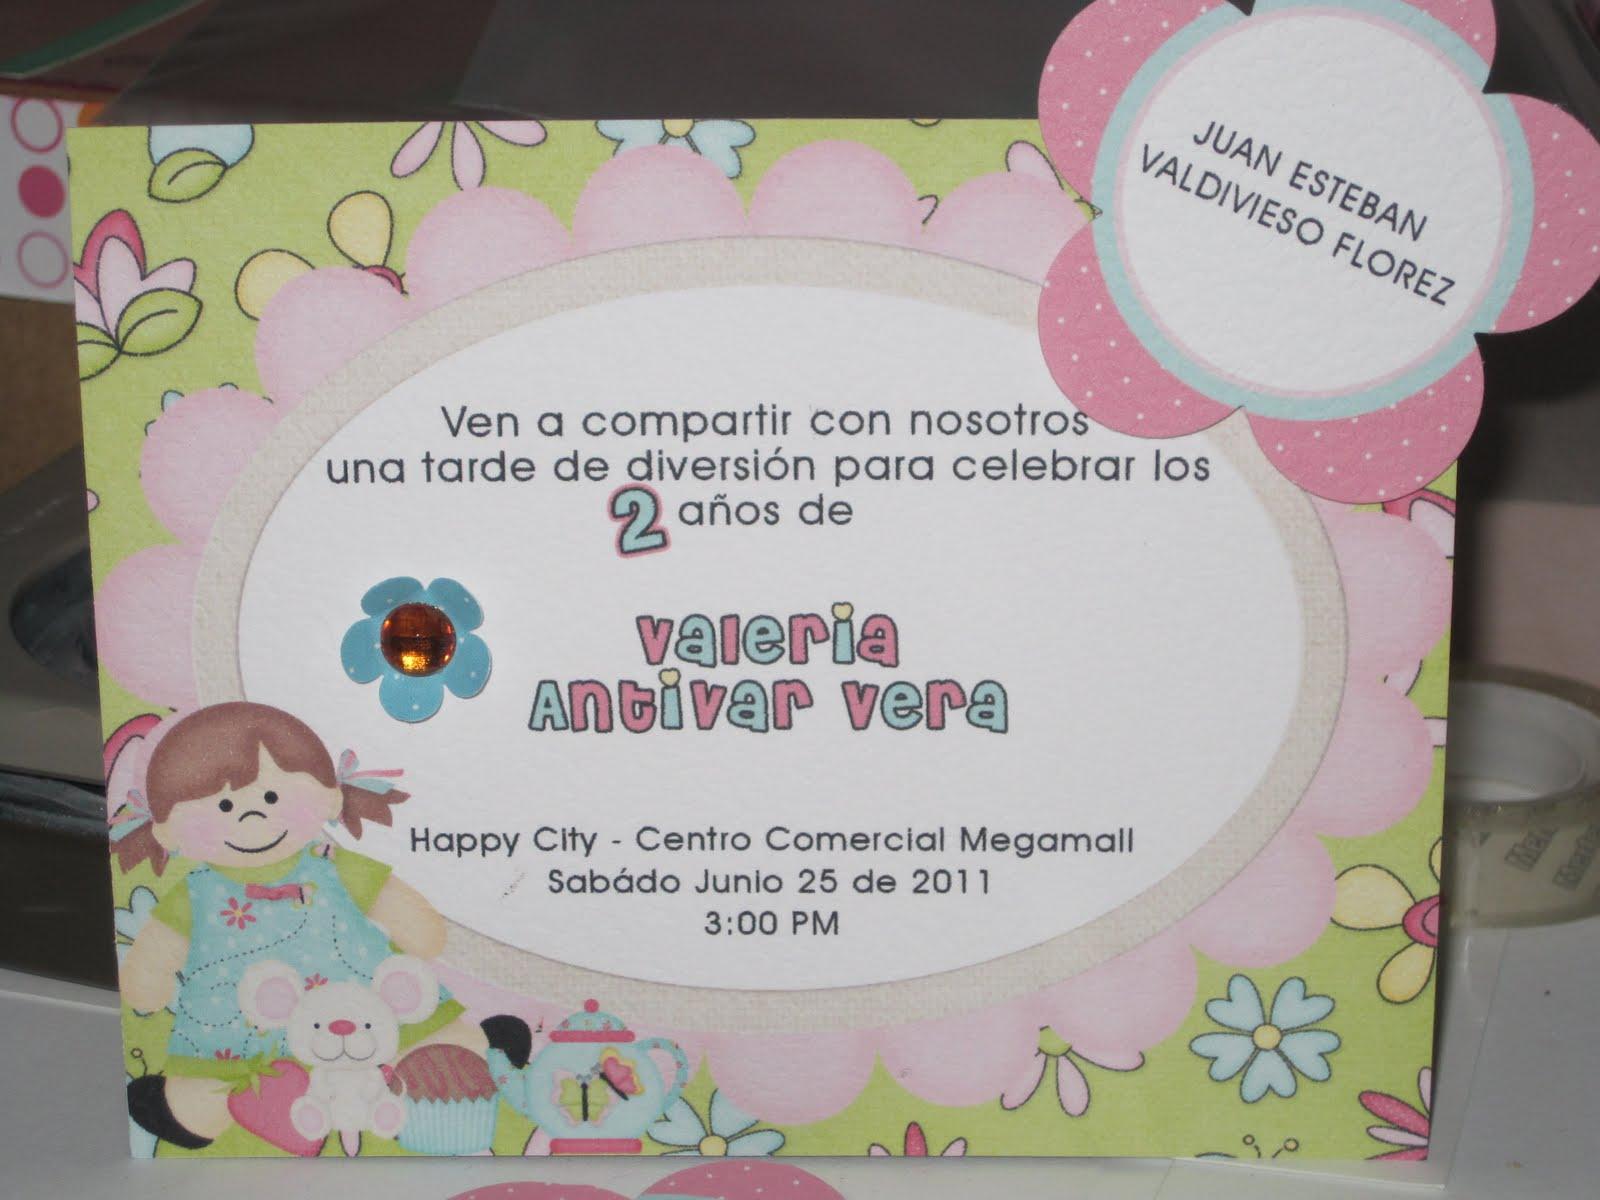 http://4.bp.blogspot.com/-Fp68XOxlwvQ/TgkCO8P1szI/AAAAAAAAD2g/znV_-FVJ-b8/s1600/IMG_1065.JPG